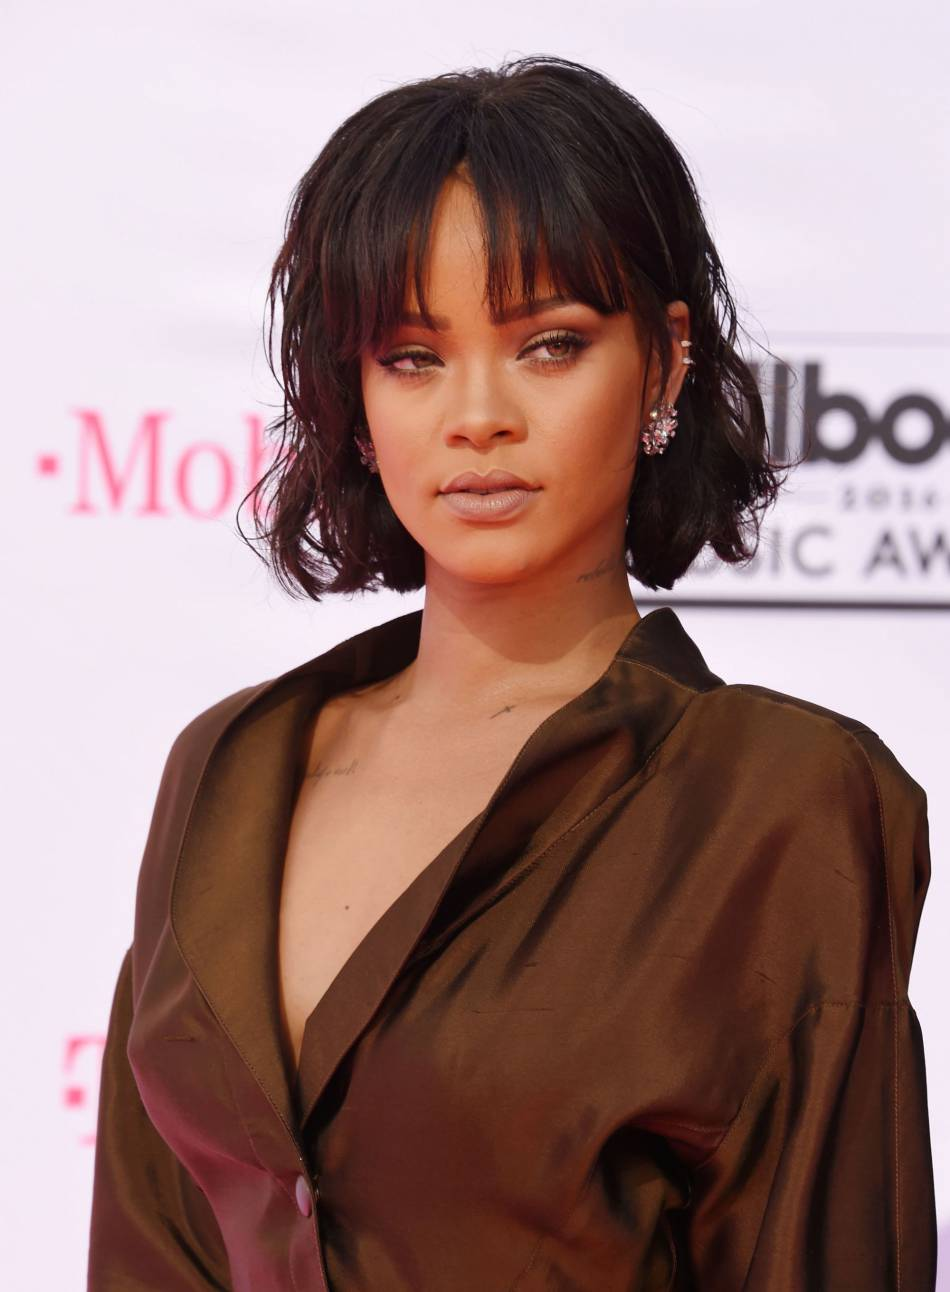 Rihanna apparaît sulfureuse sur Instagram pour des vacances au soleil avec sa BFF.